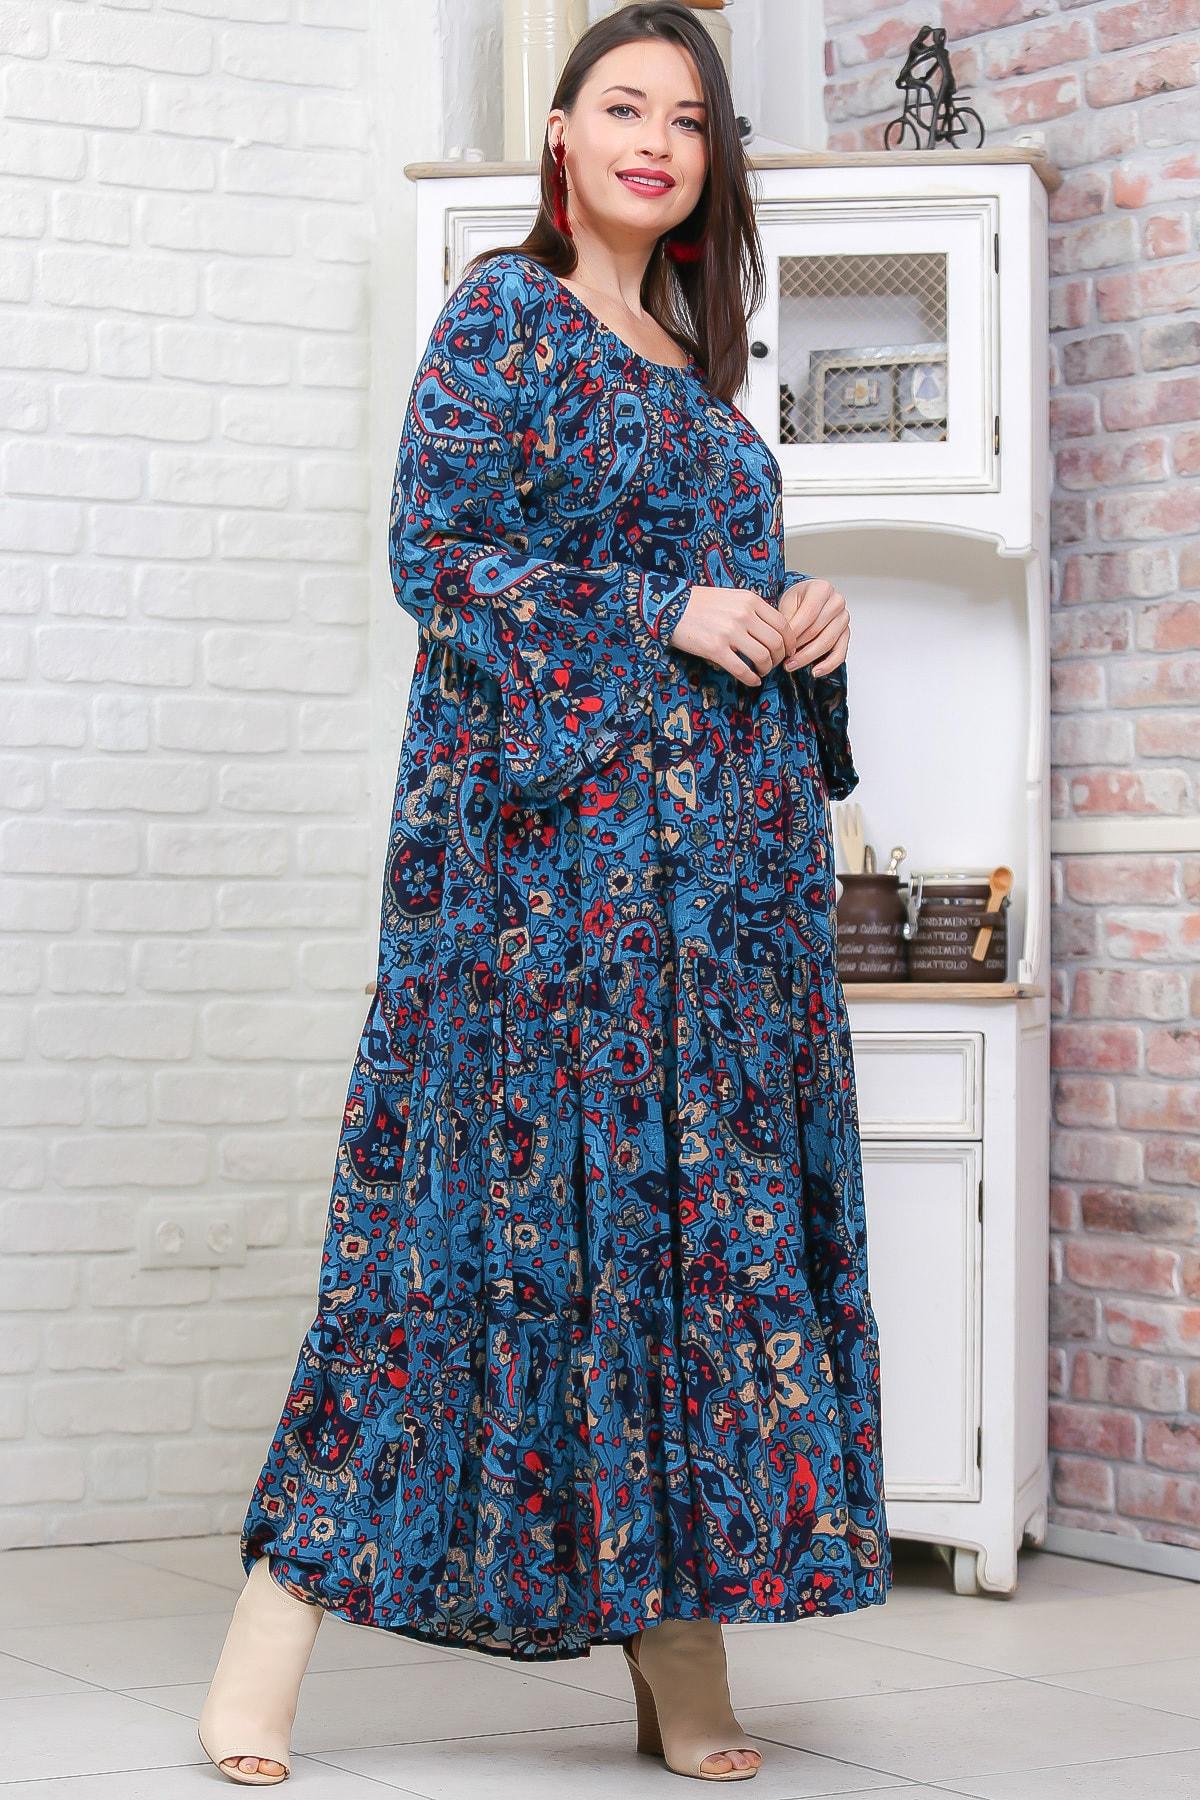 Chiccy Kadın Petrol Mavisi Bohem Çiçek Desenli Kolları Volanlı Dokuma Elbise M10160000EL96973 2